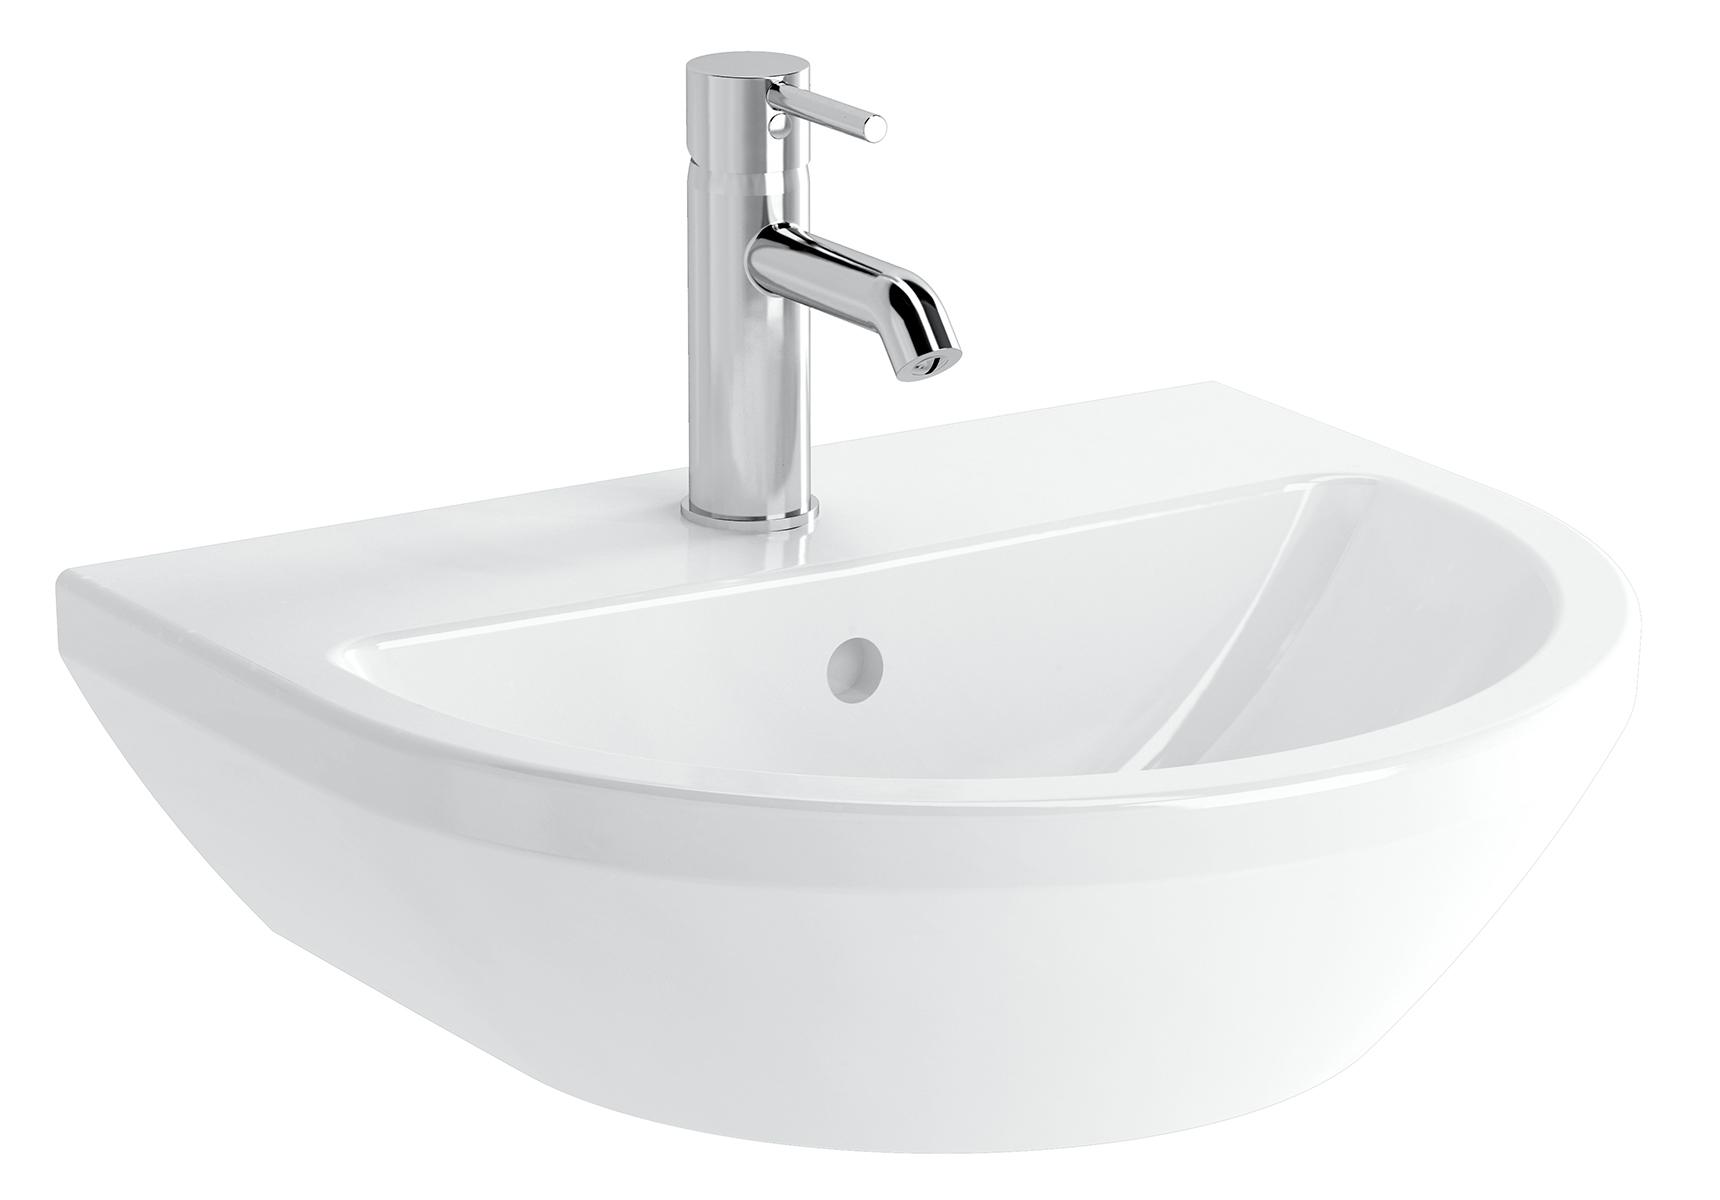 Integra lavabo rond, 50 cm, avec trou de robinet, sans trop-plein